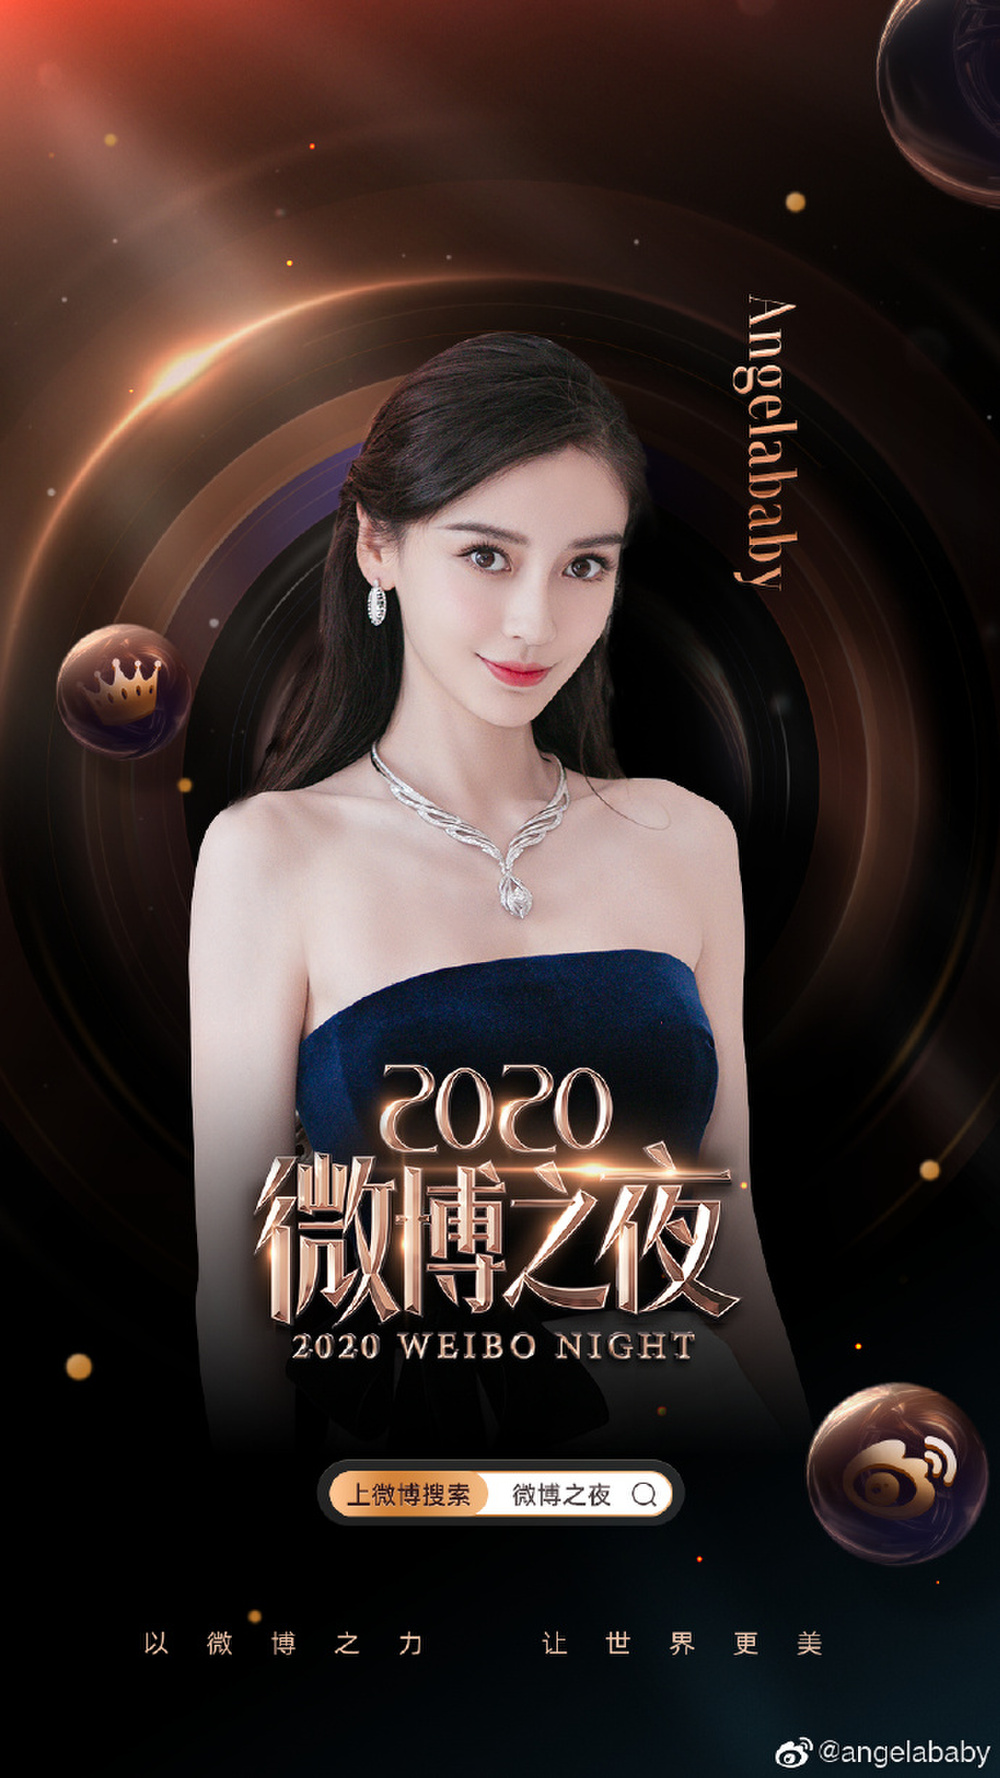 Đinh Chân 'áp đảo' Tiêu Chiến, Hoa Thần Vũ và các sao khác khi được đặc cách trong 'Đêm hội Weibo' Ảnh 3